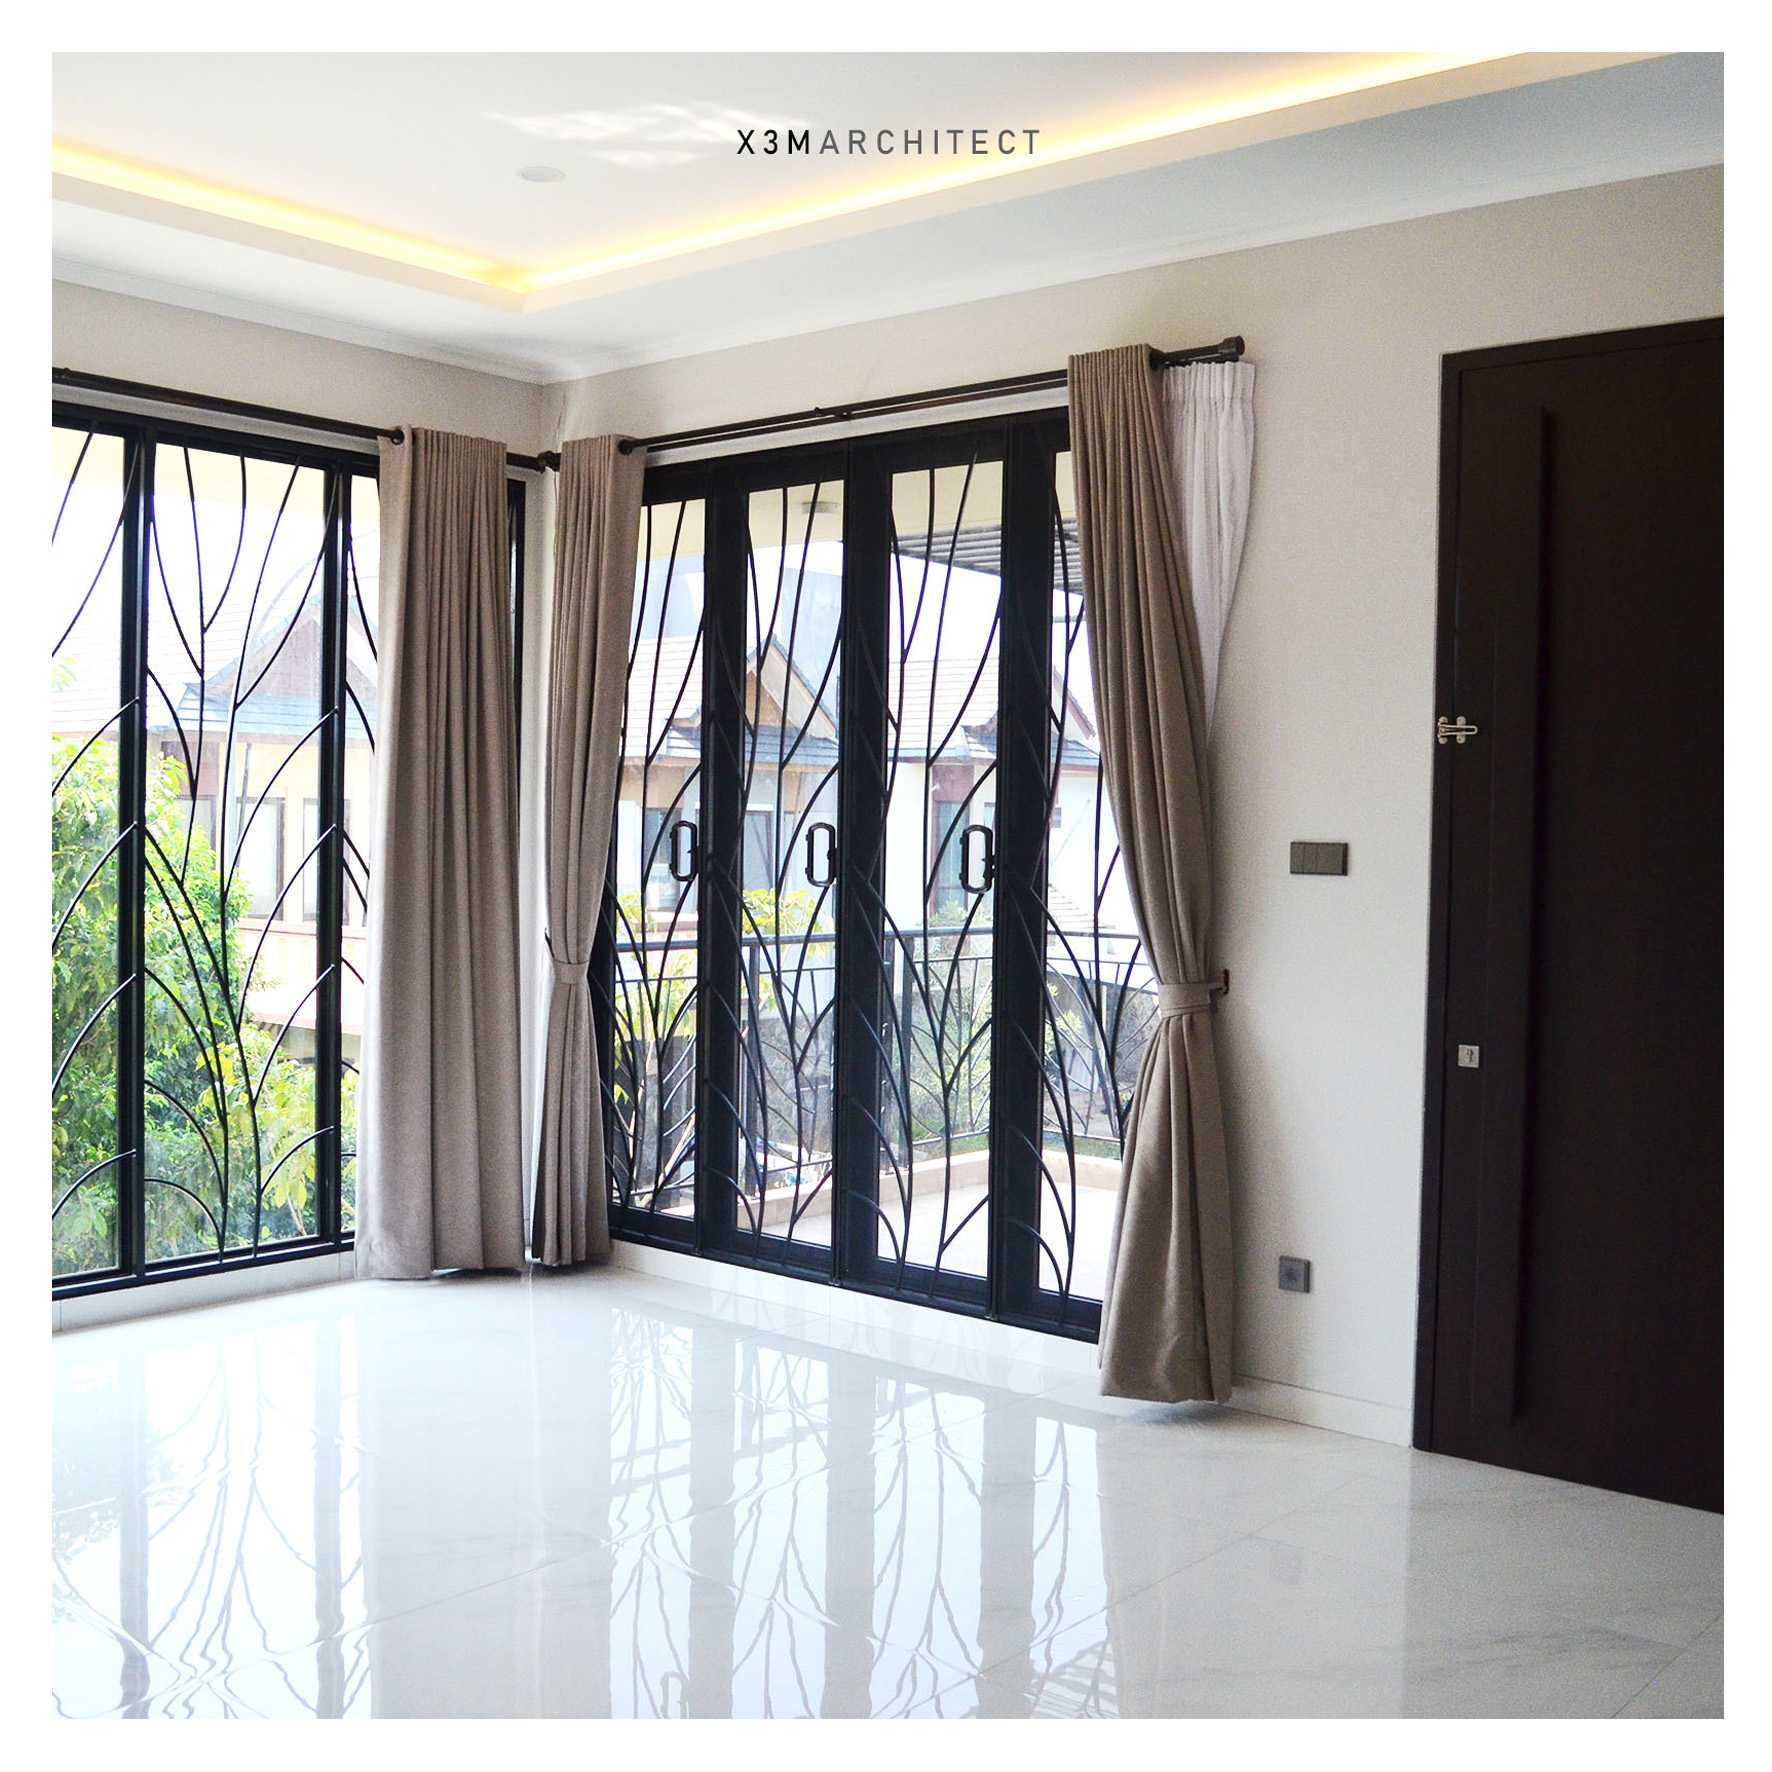 X3M Architects Nittaya A5 1 House Sampora, Kec. Cisauk, Tangerang, Banten 15345, Indonesia Sampora, Kec. Cisauk, Tangerang, Banten 15345, Indonesia X3M-Architects-Nittaya-A5-1  75977